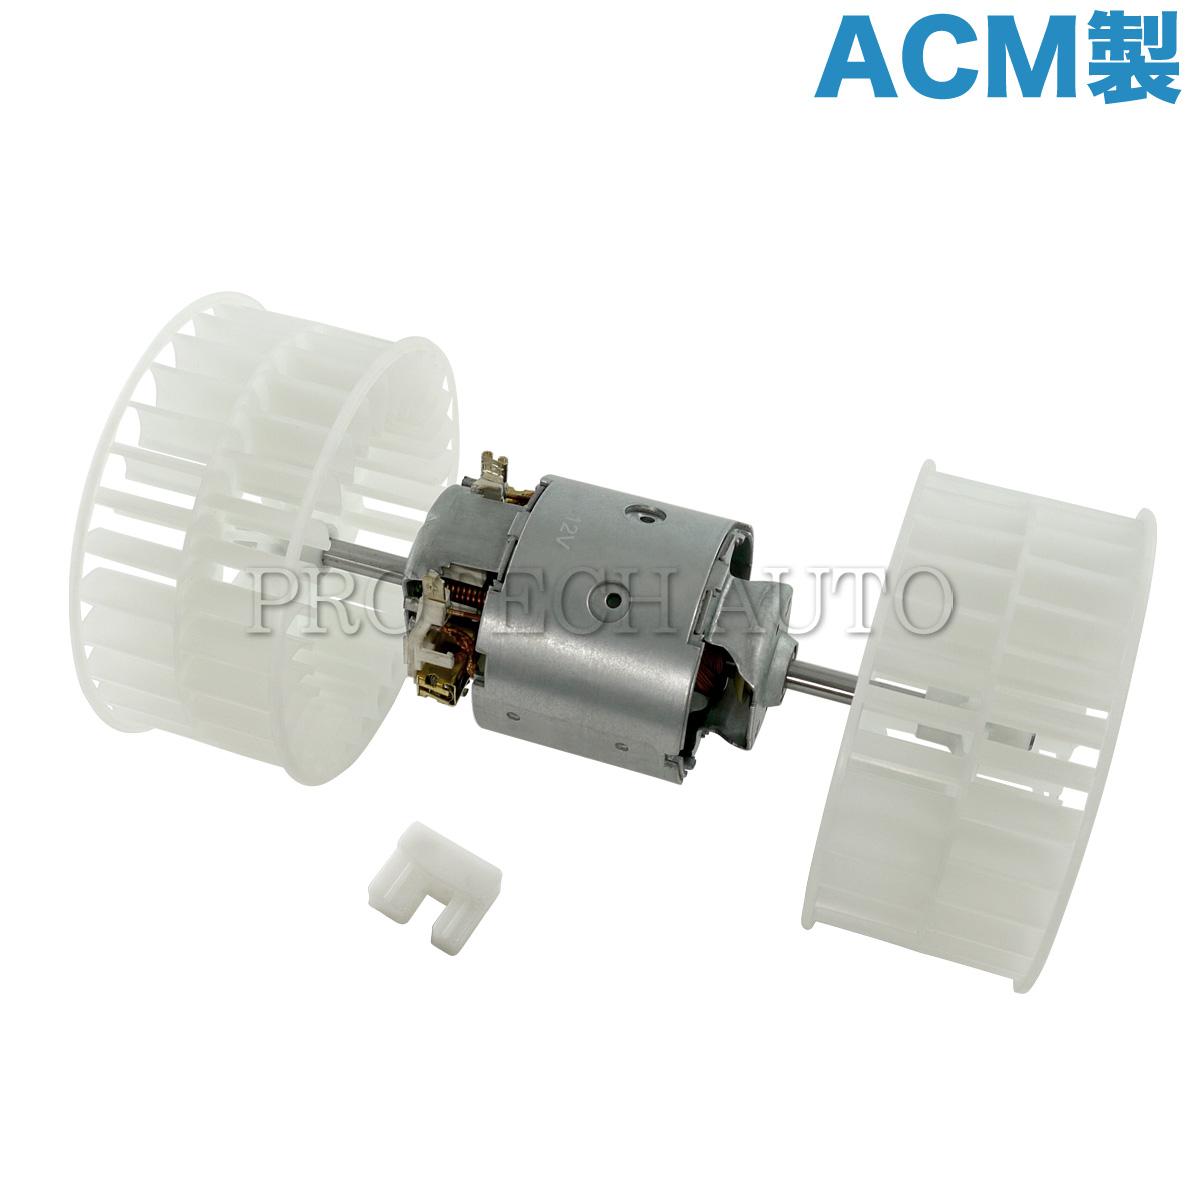 純正OEM ACM製 ベンツ R129 500SL SL320 SL500 SL600 ブロアモーター/ブロアファン 1298209042 1298200642【あす楽対応】